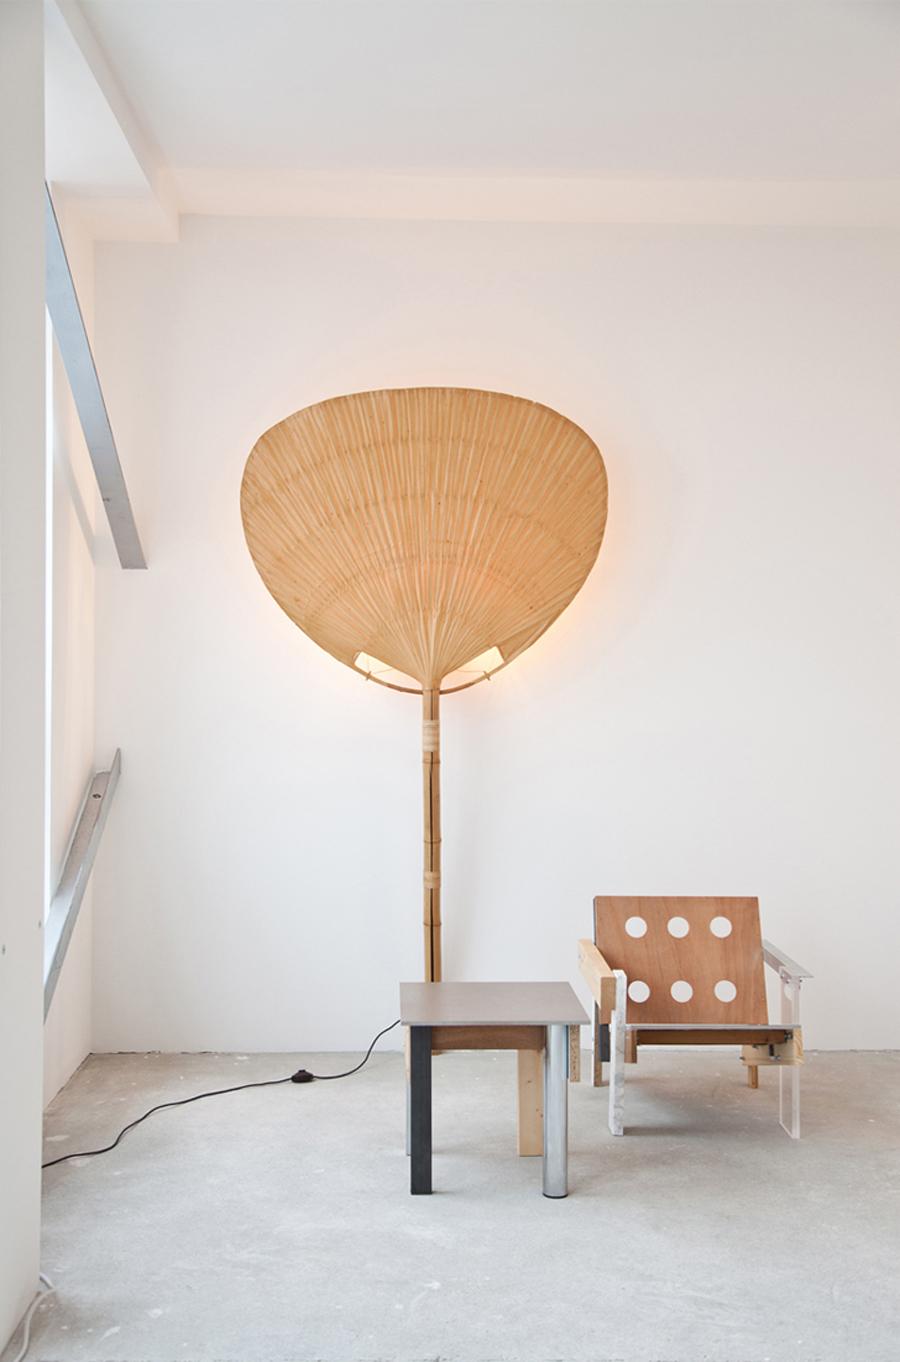 Ingo-Maurer-Uchiwa-Lamp